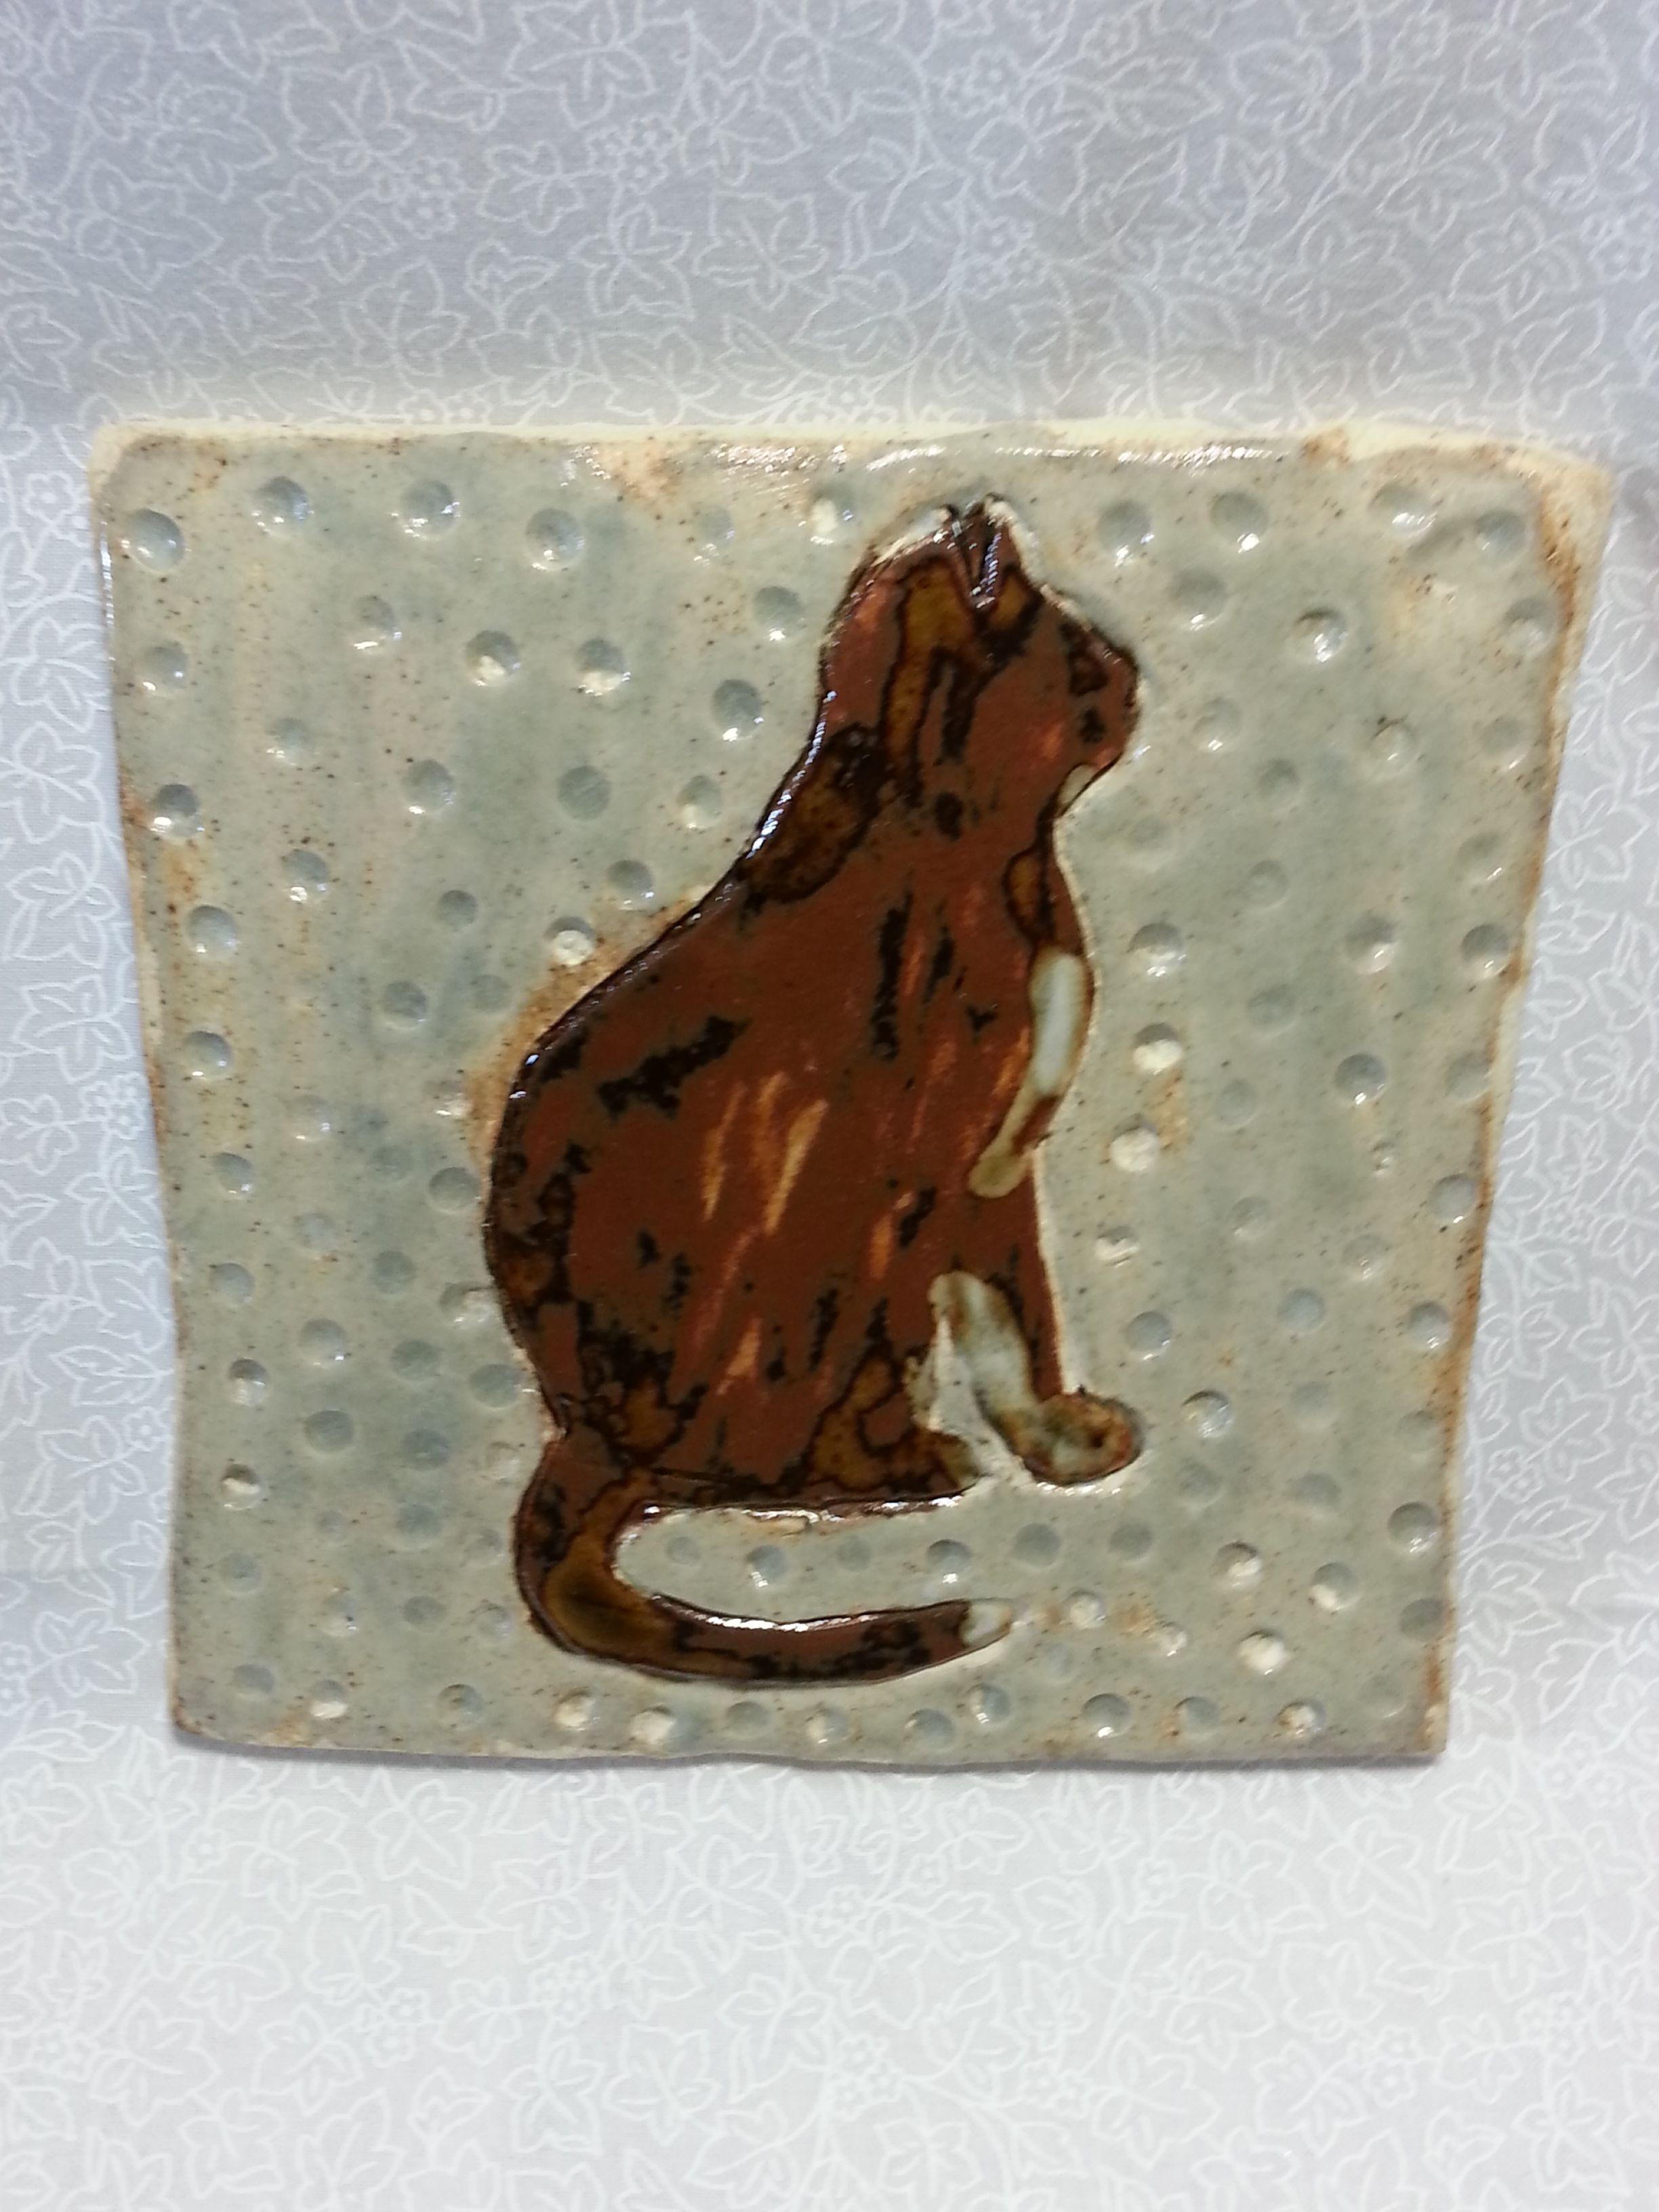 Samuel turner badger ceramic tile turner samuel l samuel turner badger ceramic tile dailygadgetfo Images